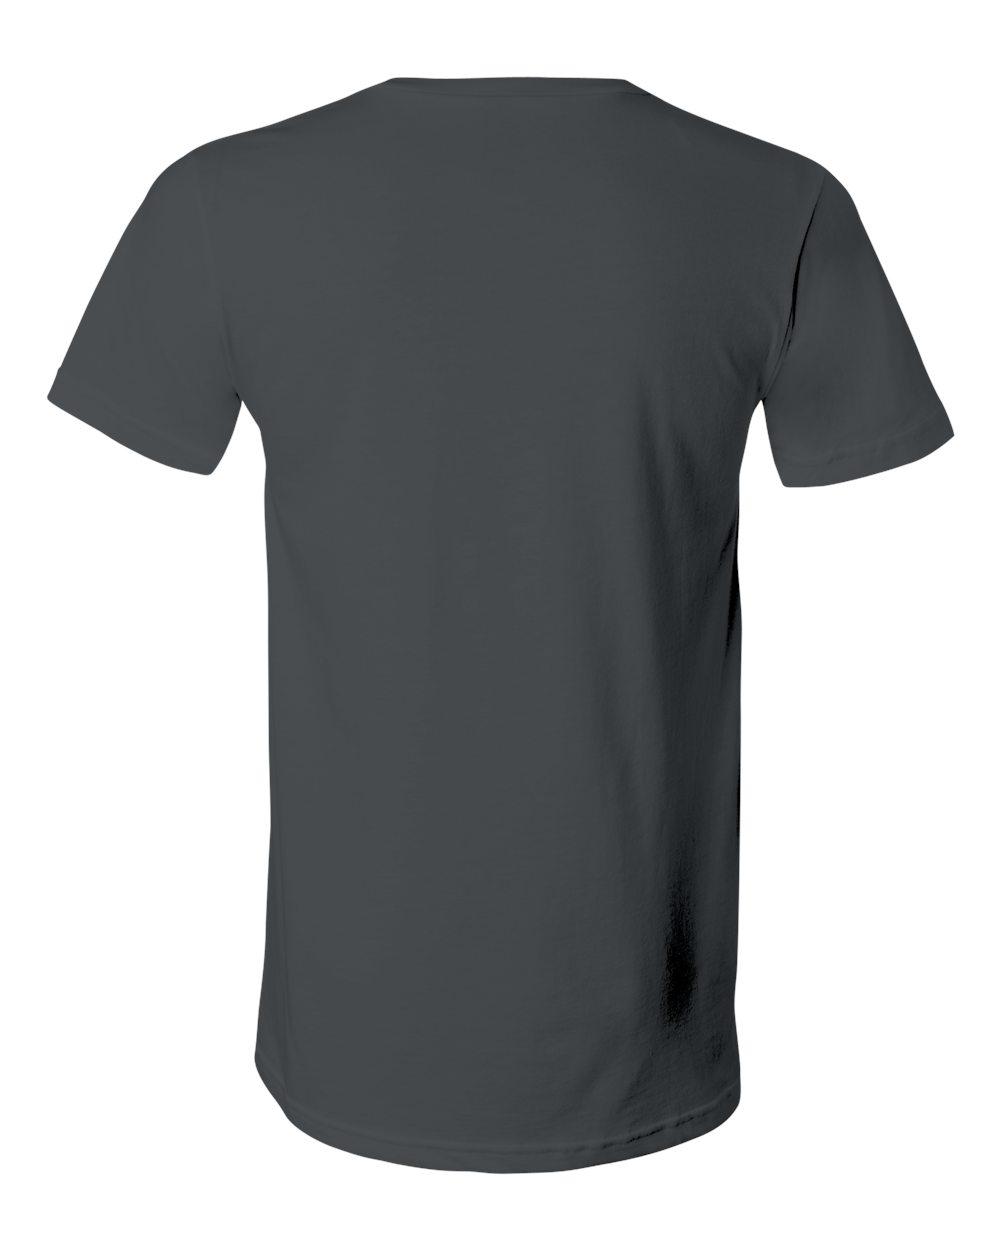 Bella-Canvas-Men-039-s-Jersey-Short-Sleeve-V-Neck-T-Shirt-3005-XS-3XL thumbnail 25